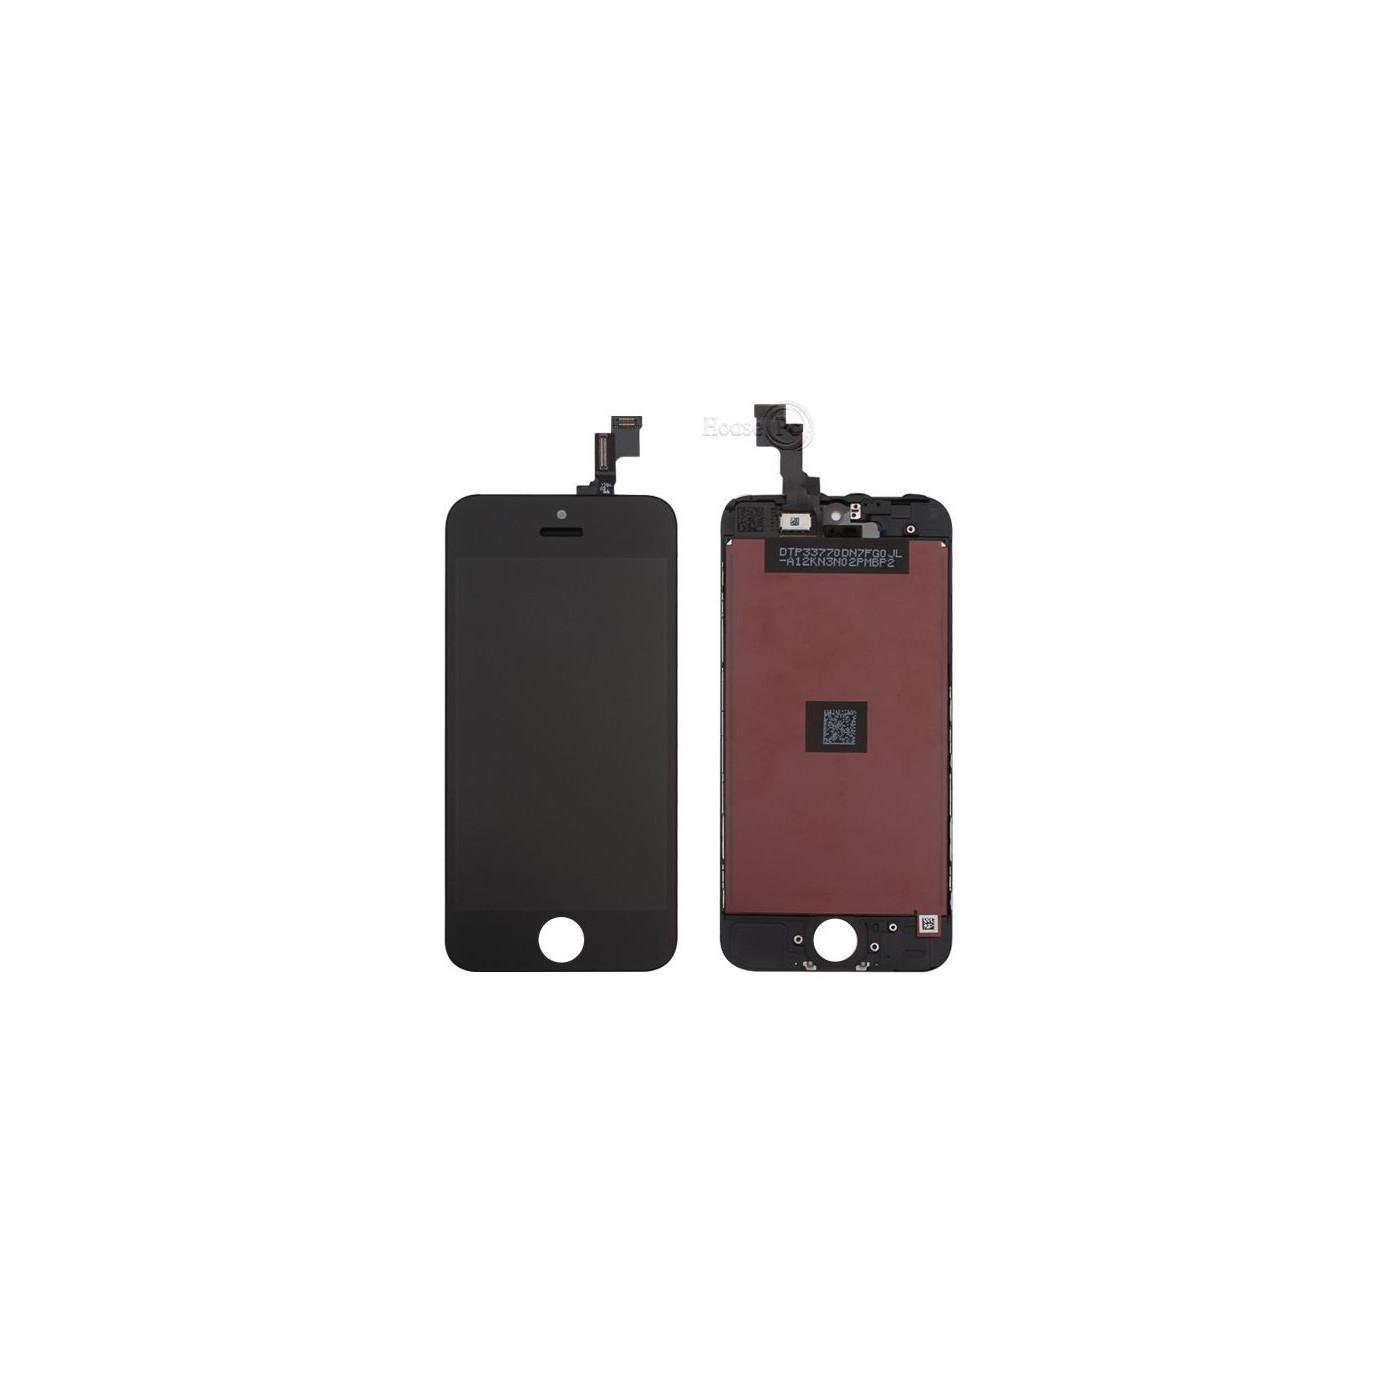 PANTALLA LCD TÁCTIL DE CRISTAL para Apple iPhone 5C PANTALLA ORIGINAL TIANMA